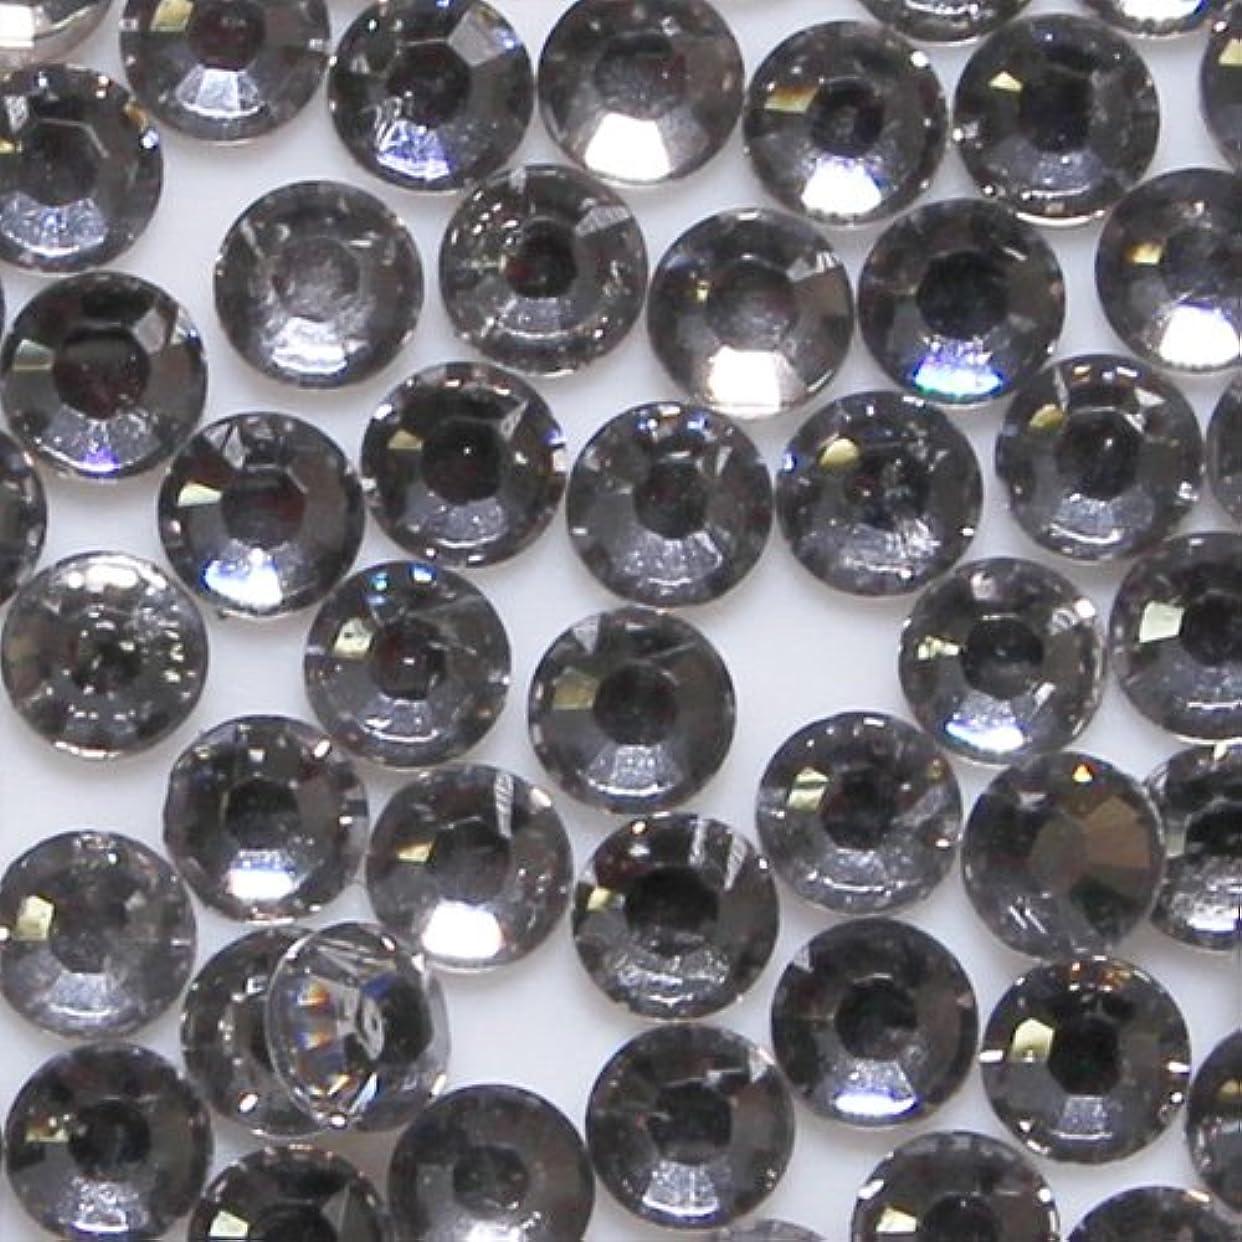 シンボル鎮痛剤レンジ高品質 アクリルストーン ラインストーン ラウンドフラット 約1000粒入り 2mm ブラックダイヤモンド